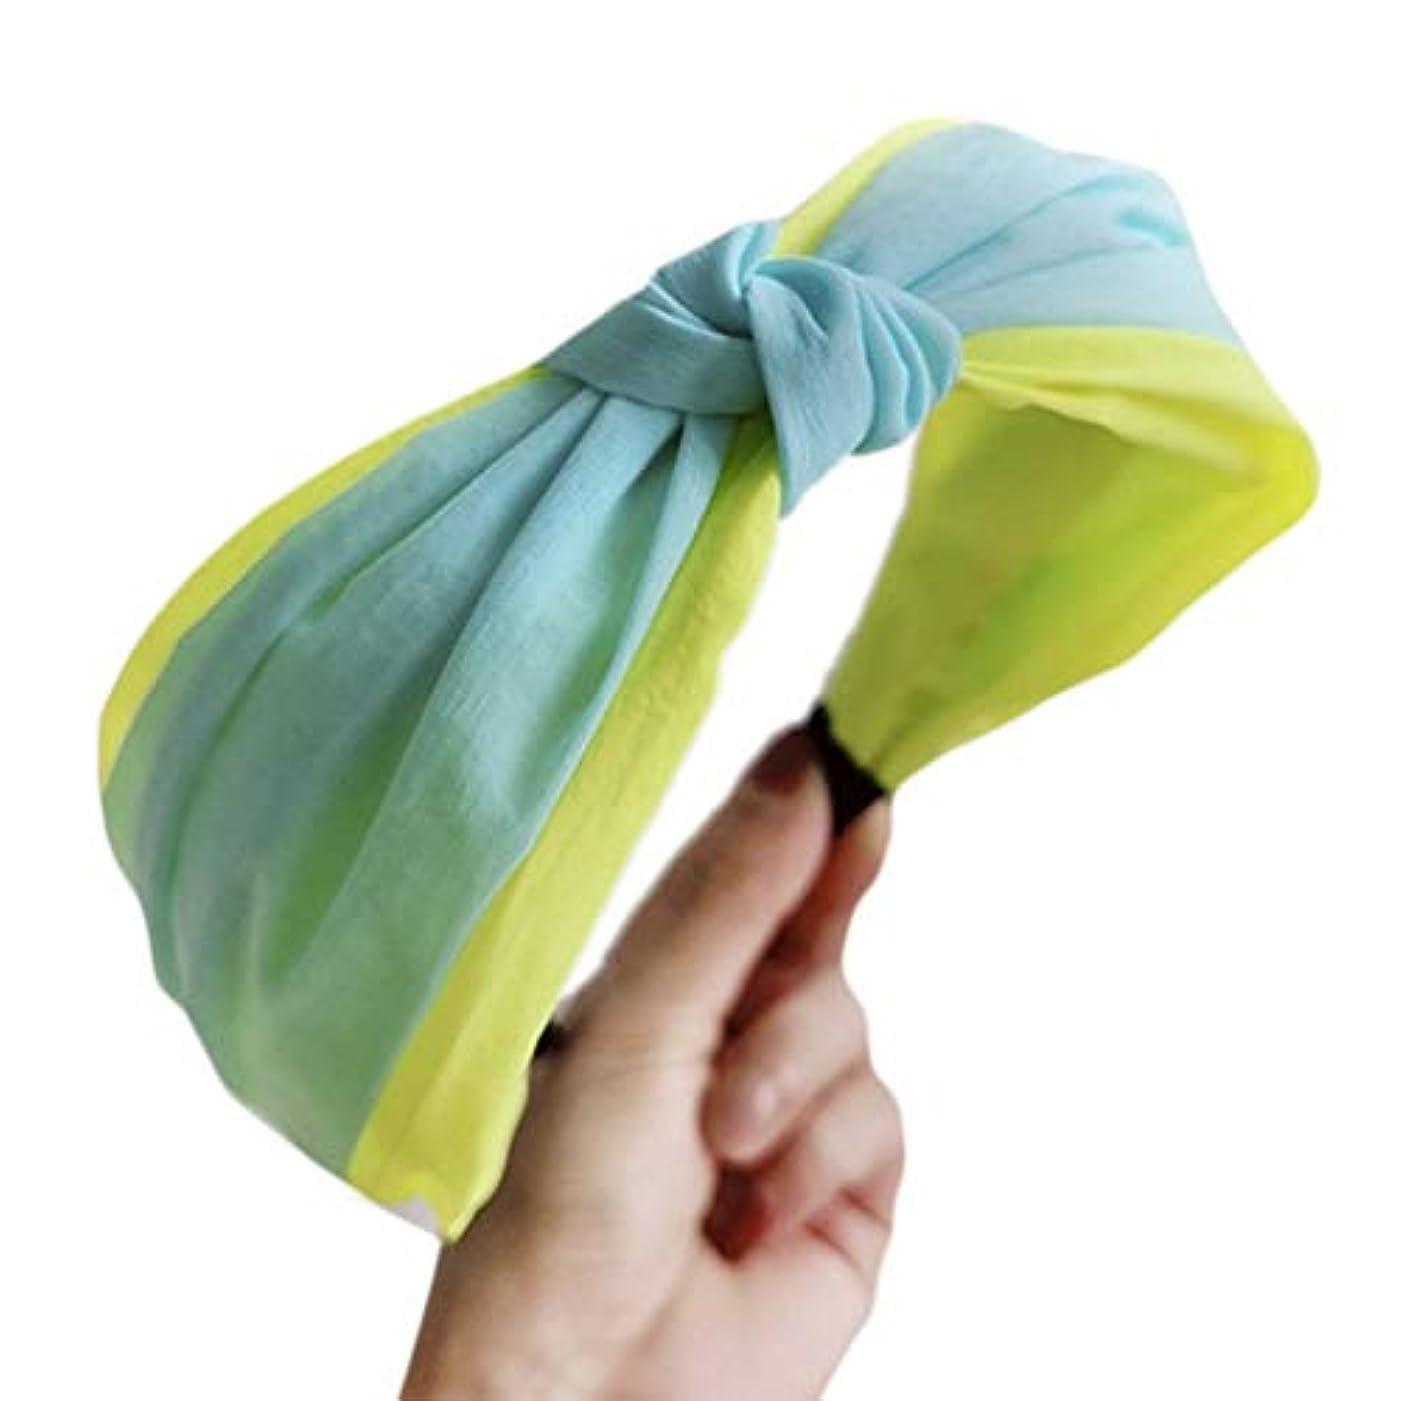 経由でごめんなさい分析するRousZL ボヘミアン女性の女の子ワイドカチューシャ甘いキャンディーヘアフープ蛍光カラーブロック手作りちょう結び夏パーティー帽子